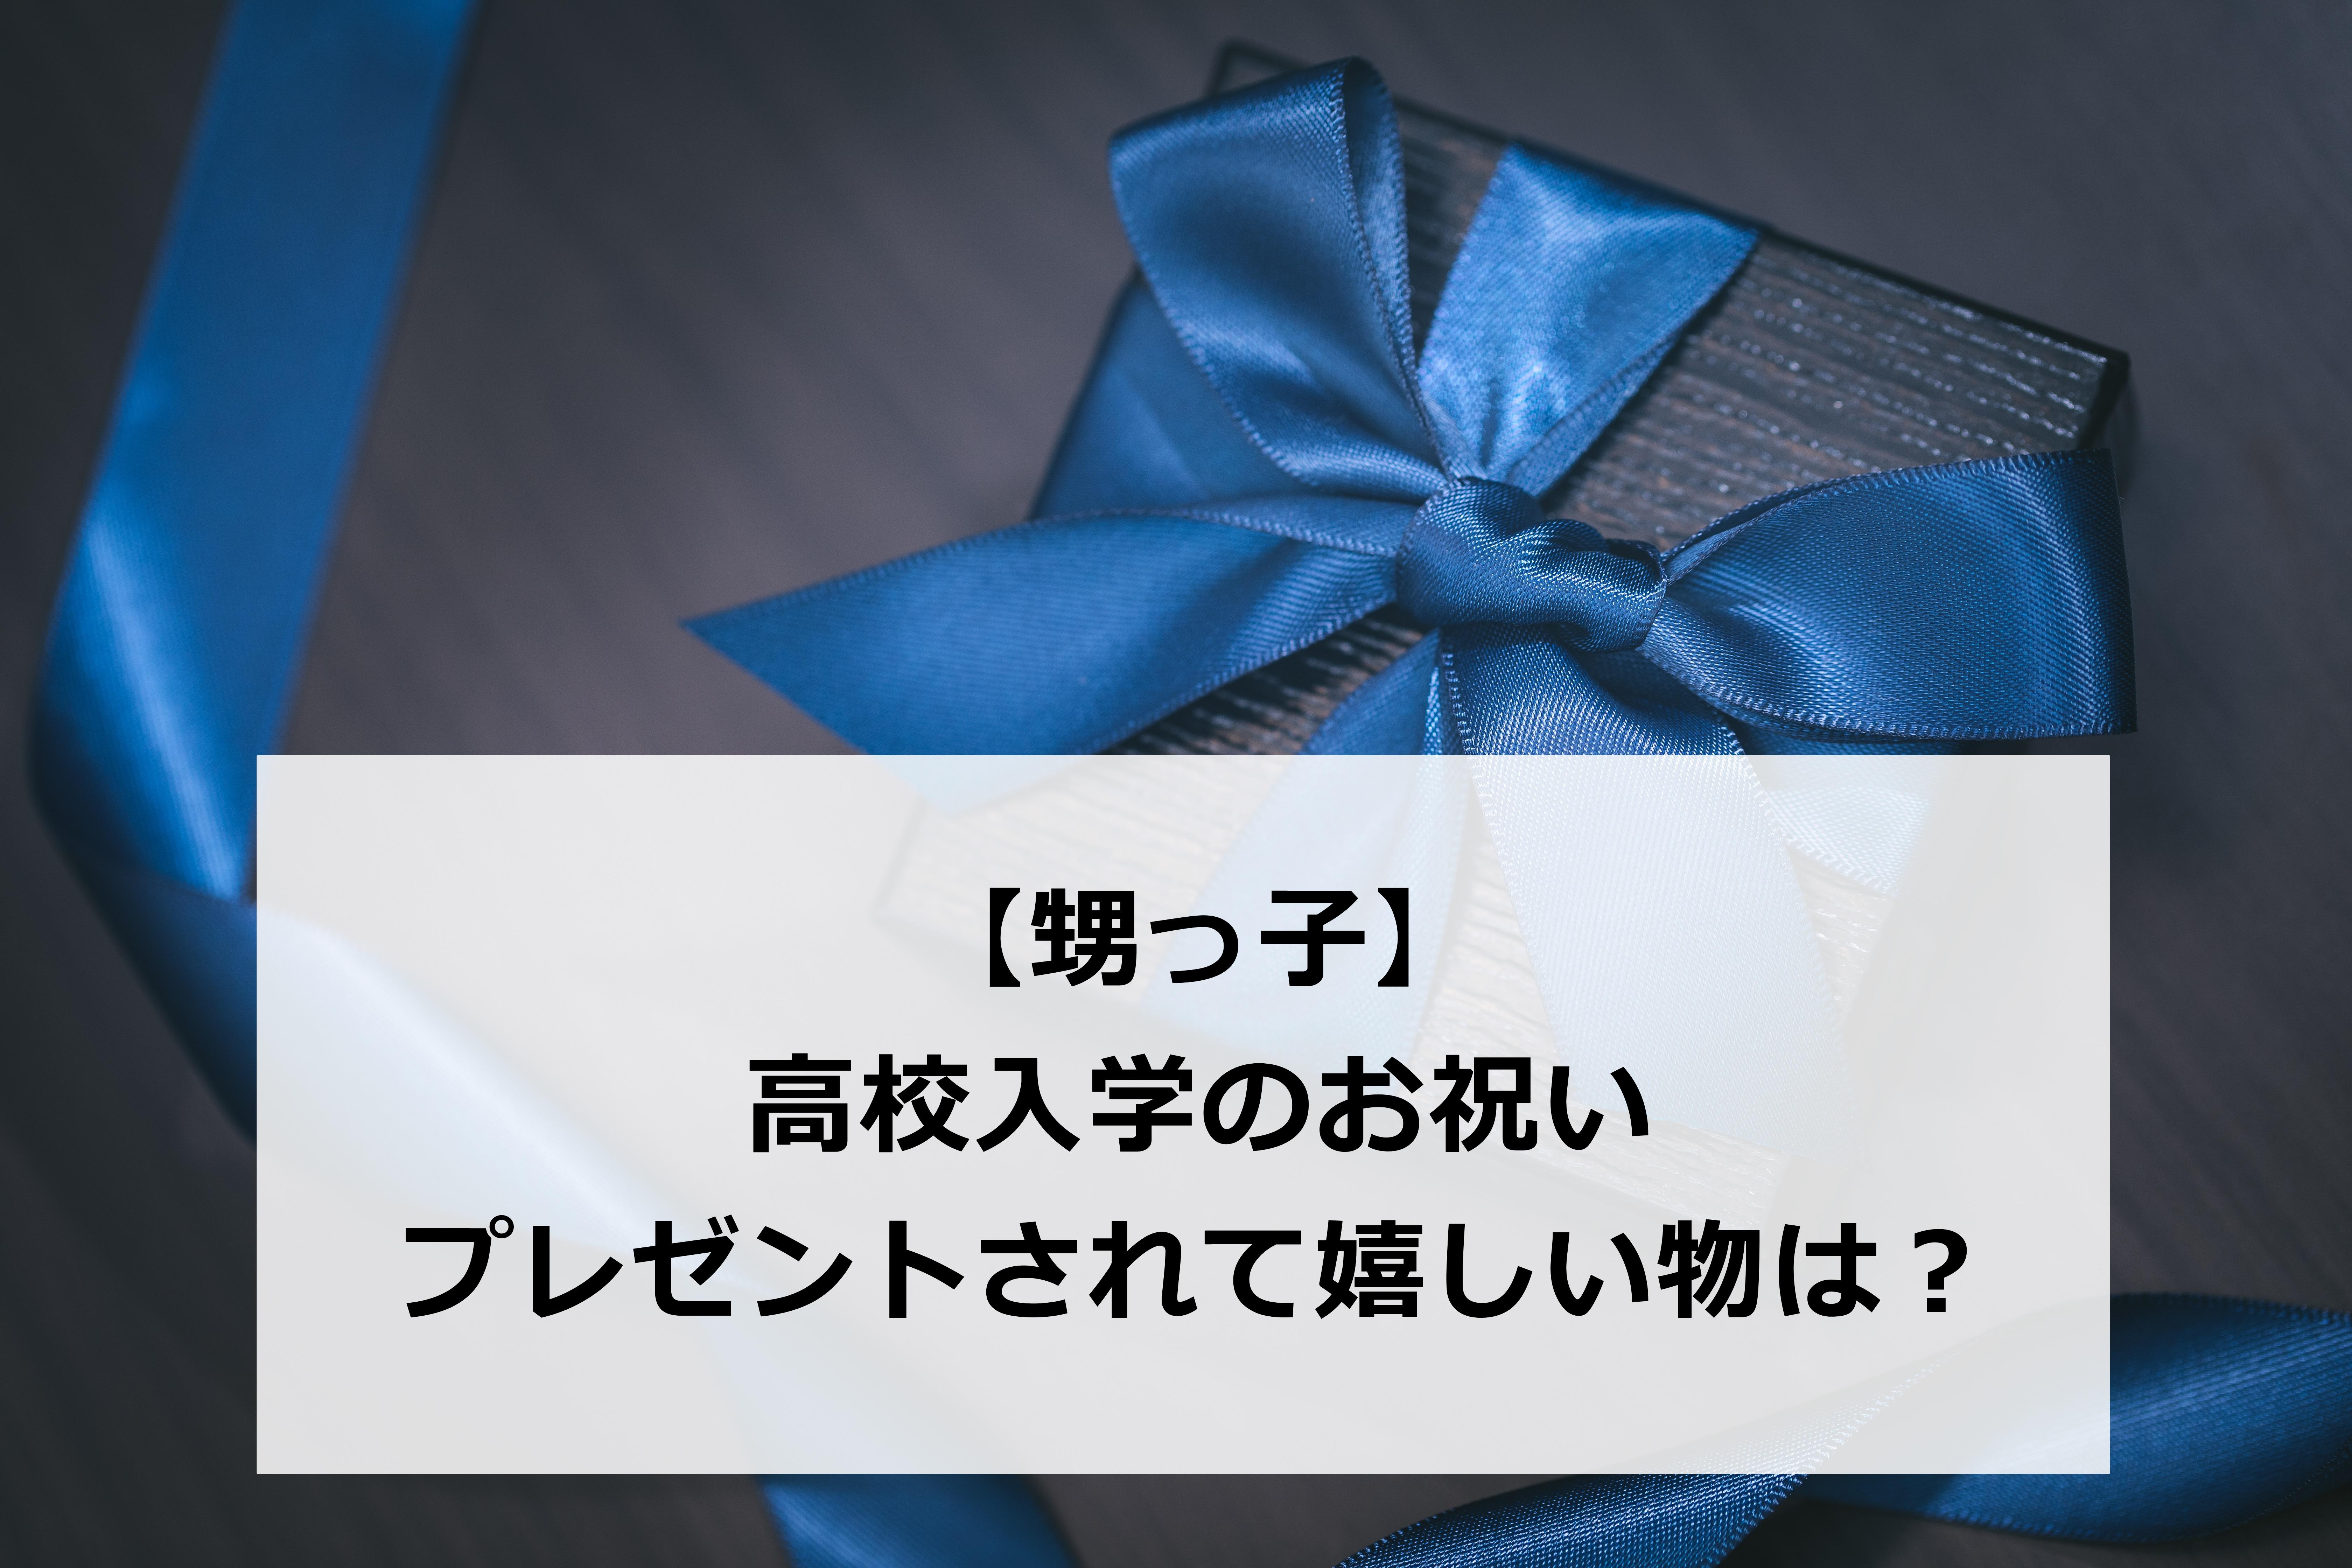 甥っ子の高校入学祝にプレゼント2020版はこれ!【参考】男の子が喜ぶもの12選